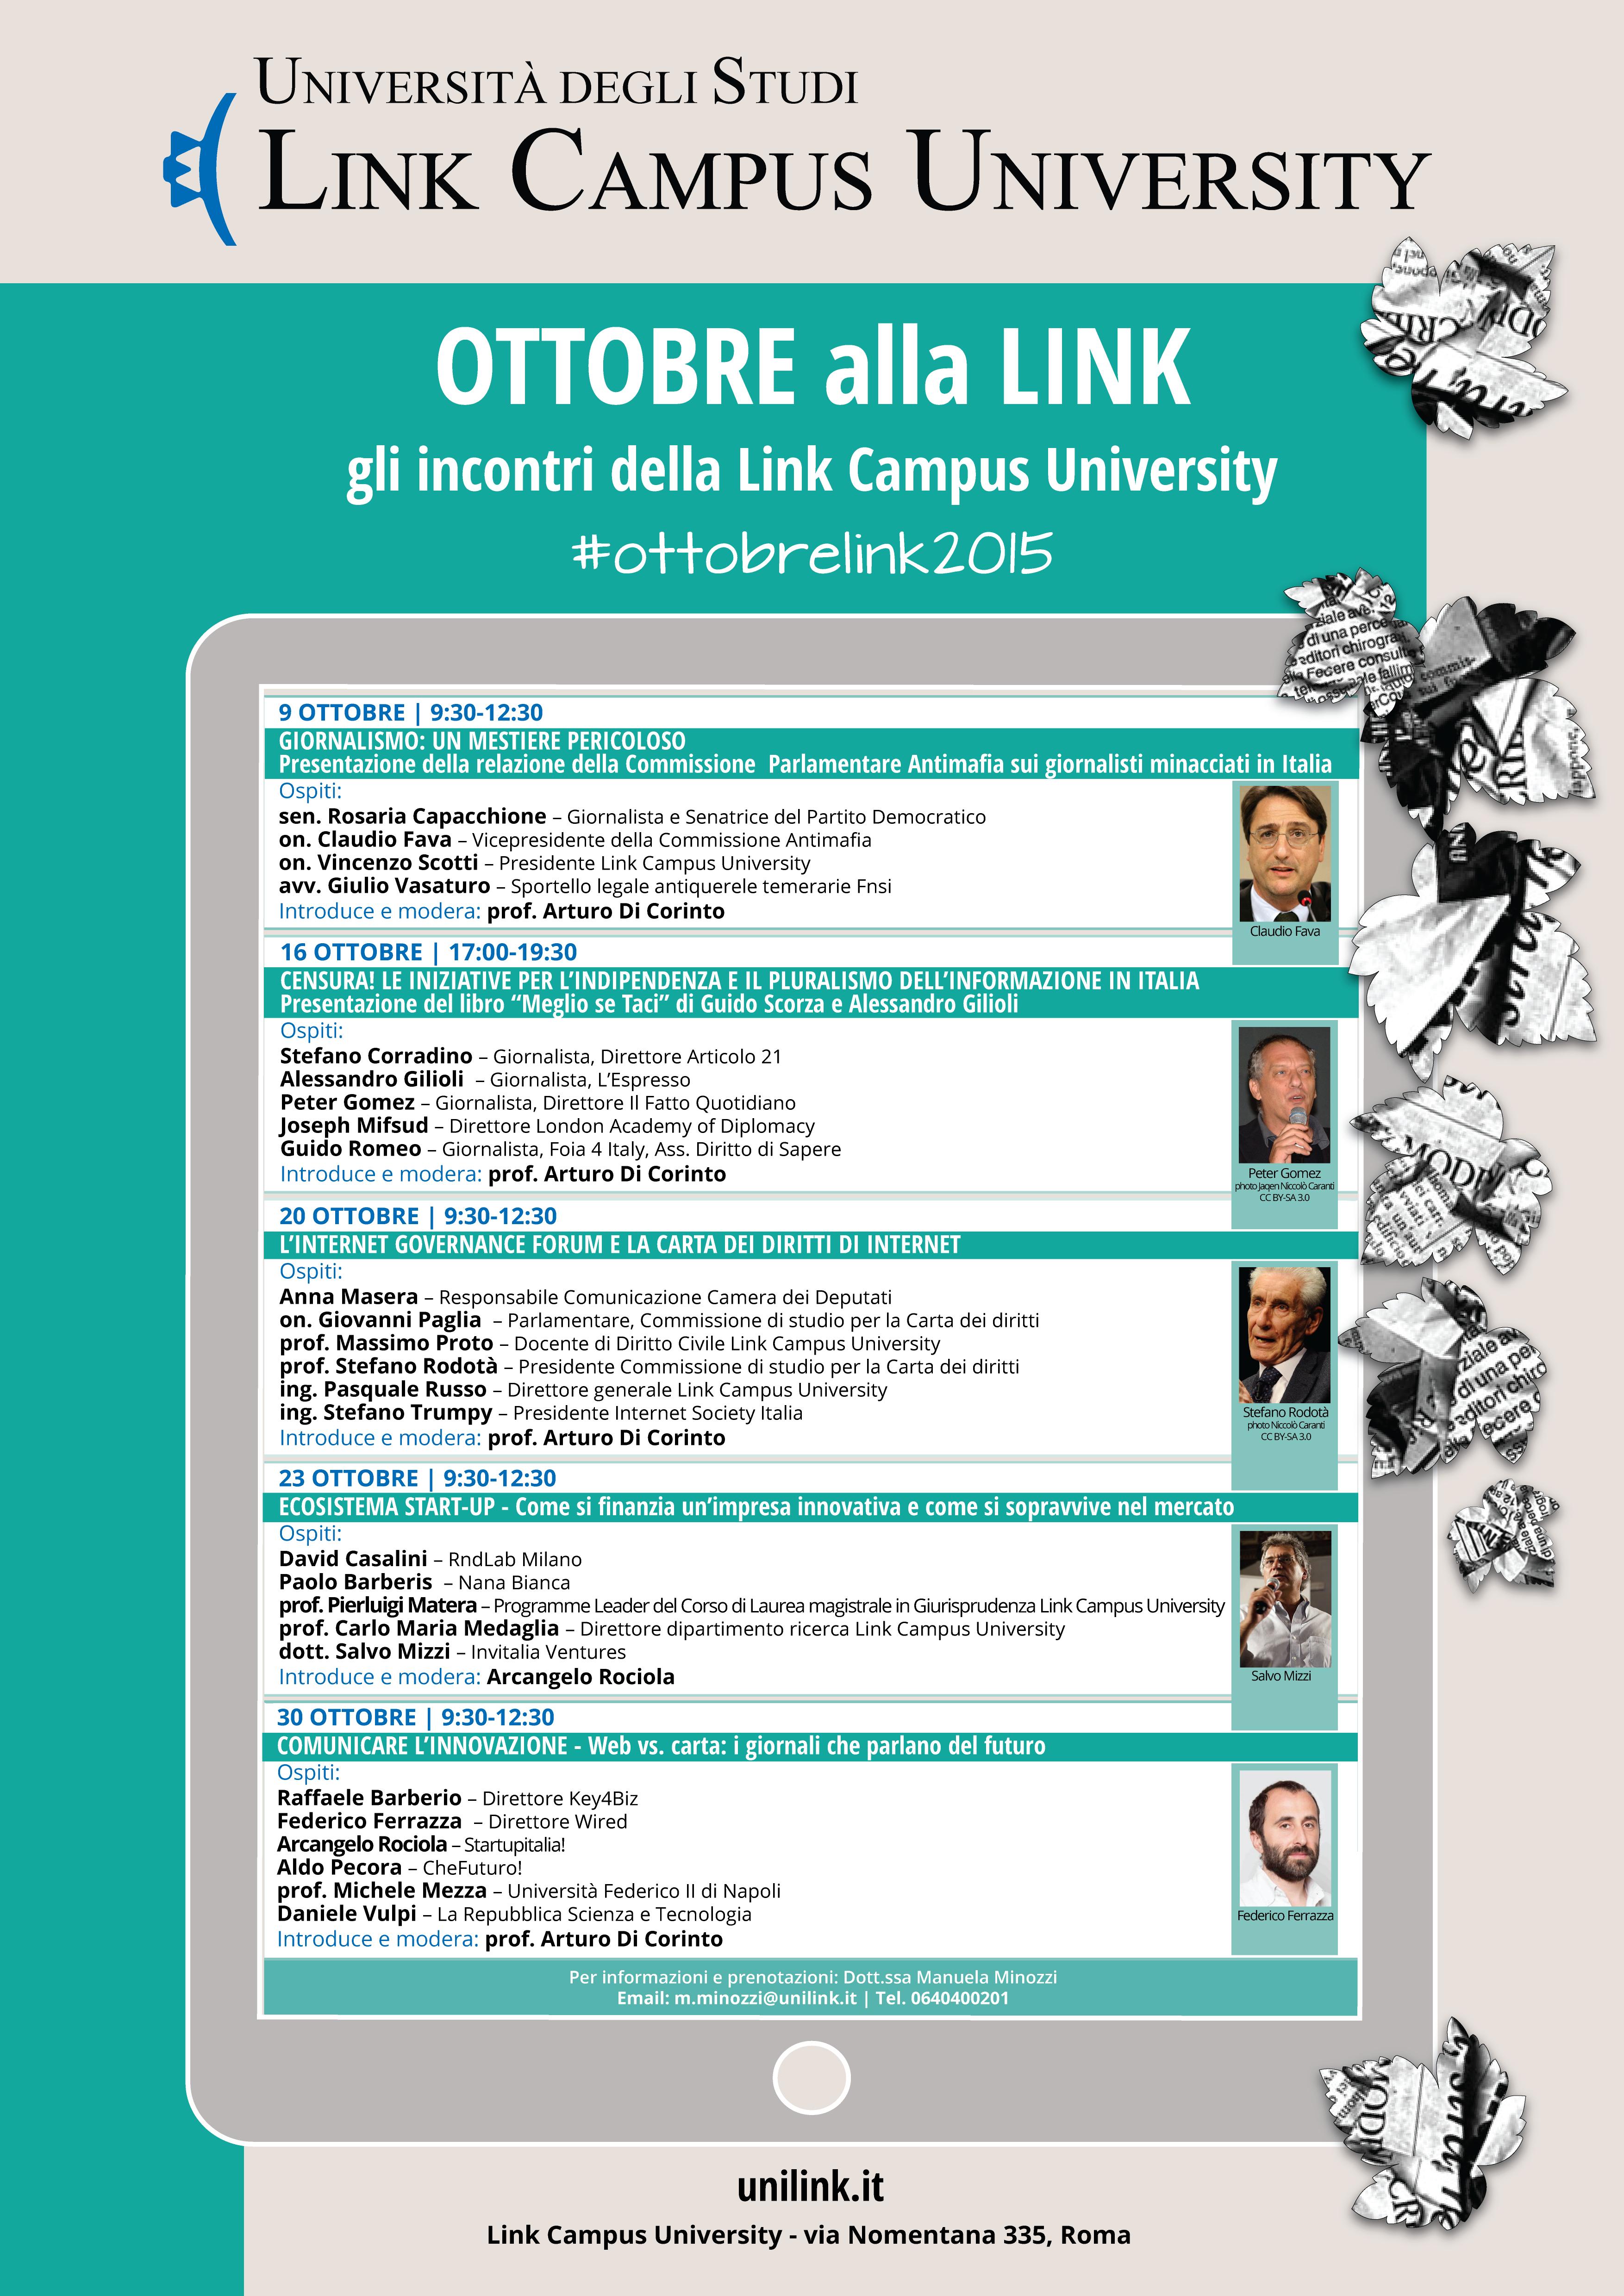 locandina_ottobrelink_v2